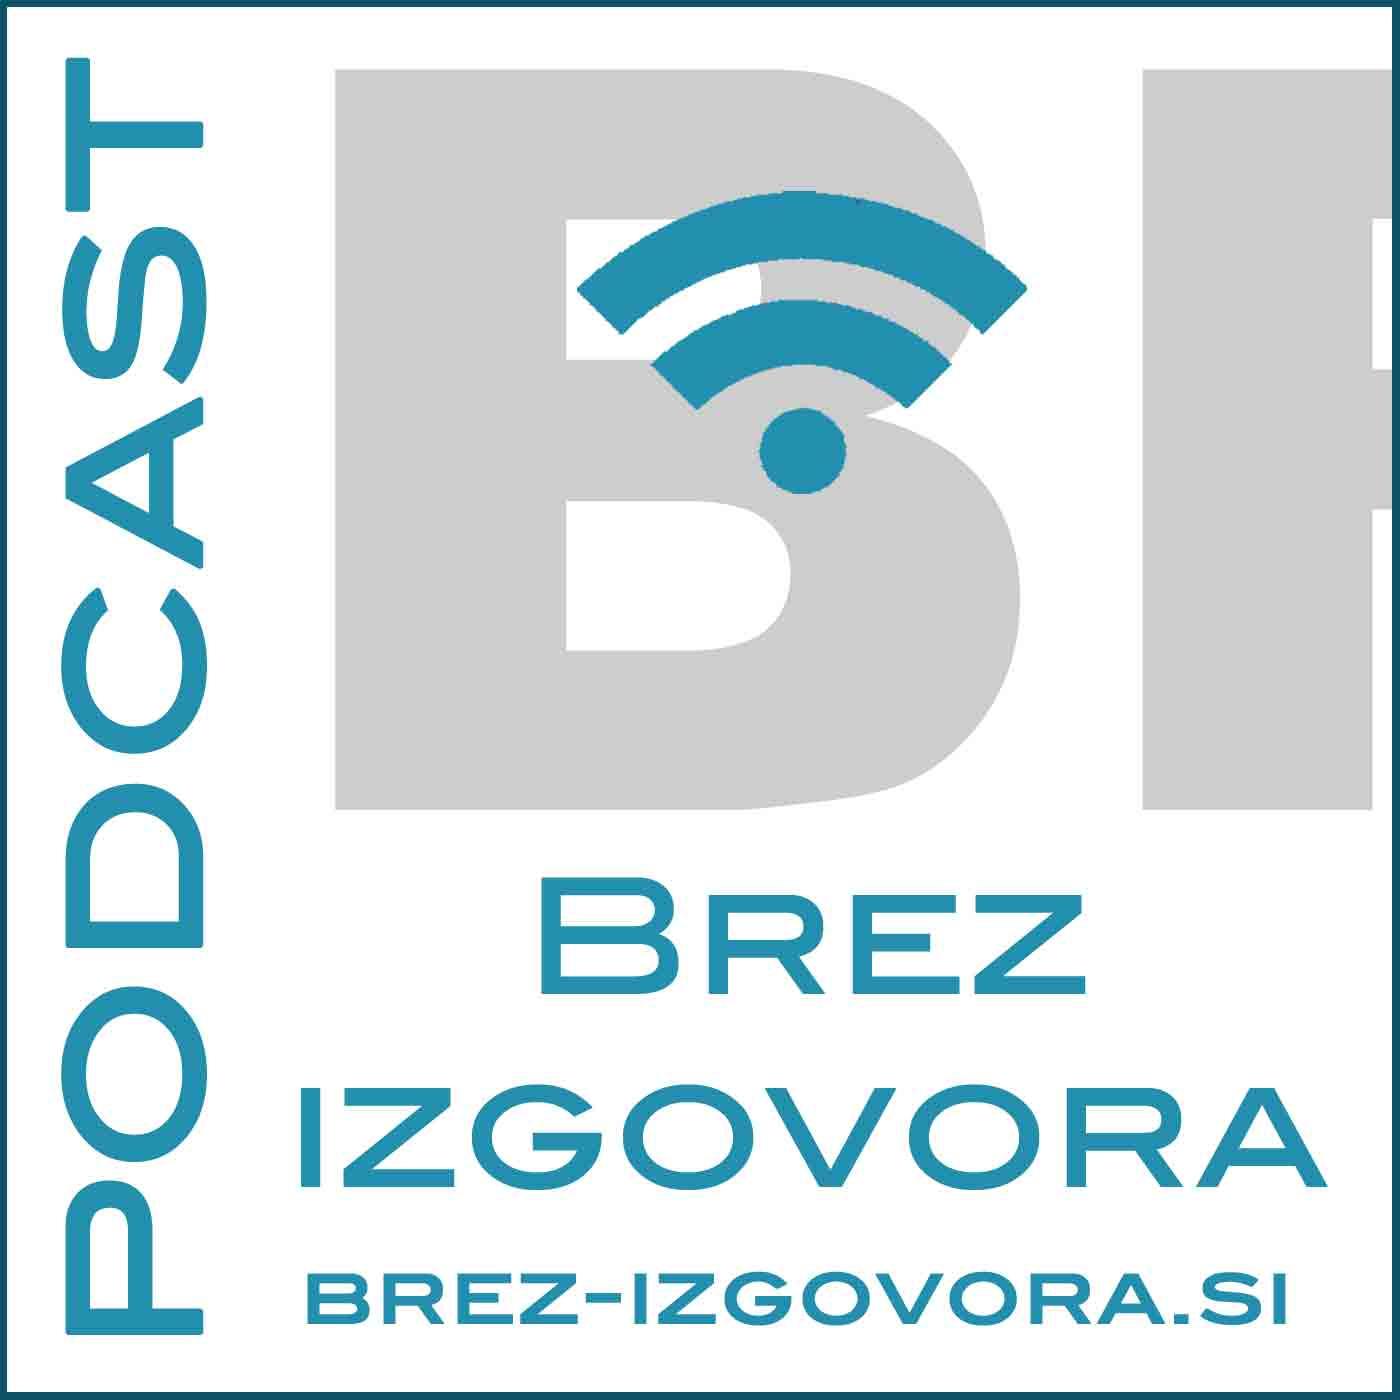 Podcast BREZ IZGOVORA – Podcast.si